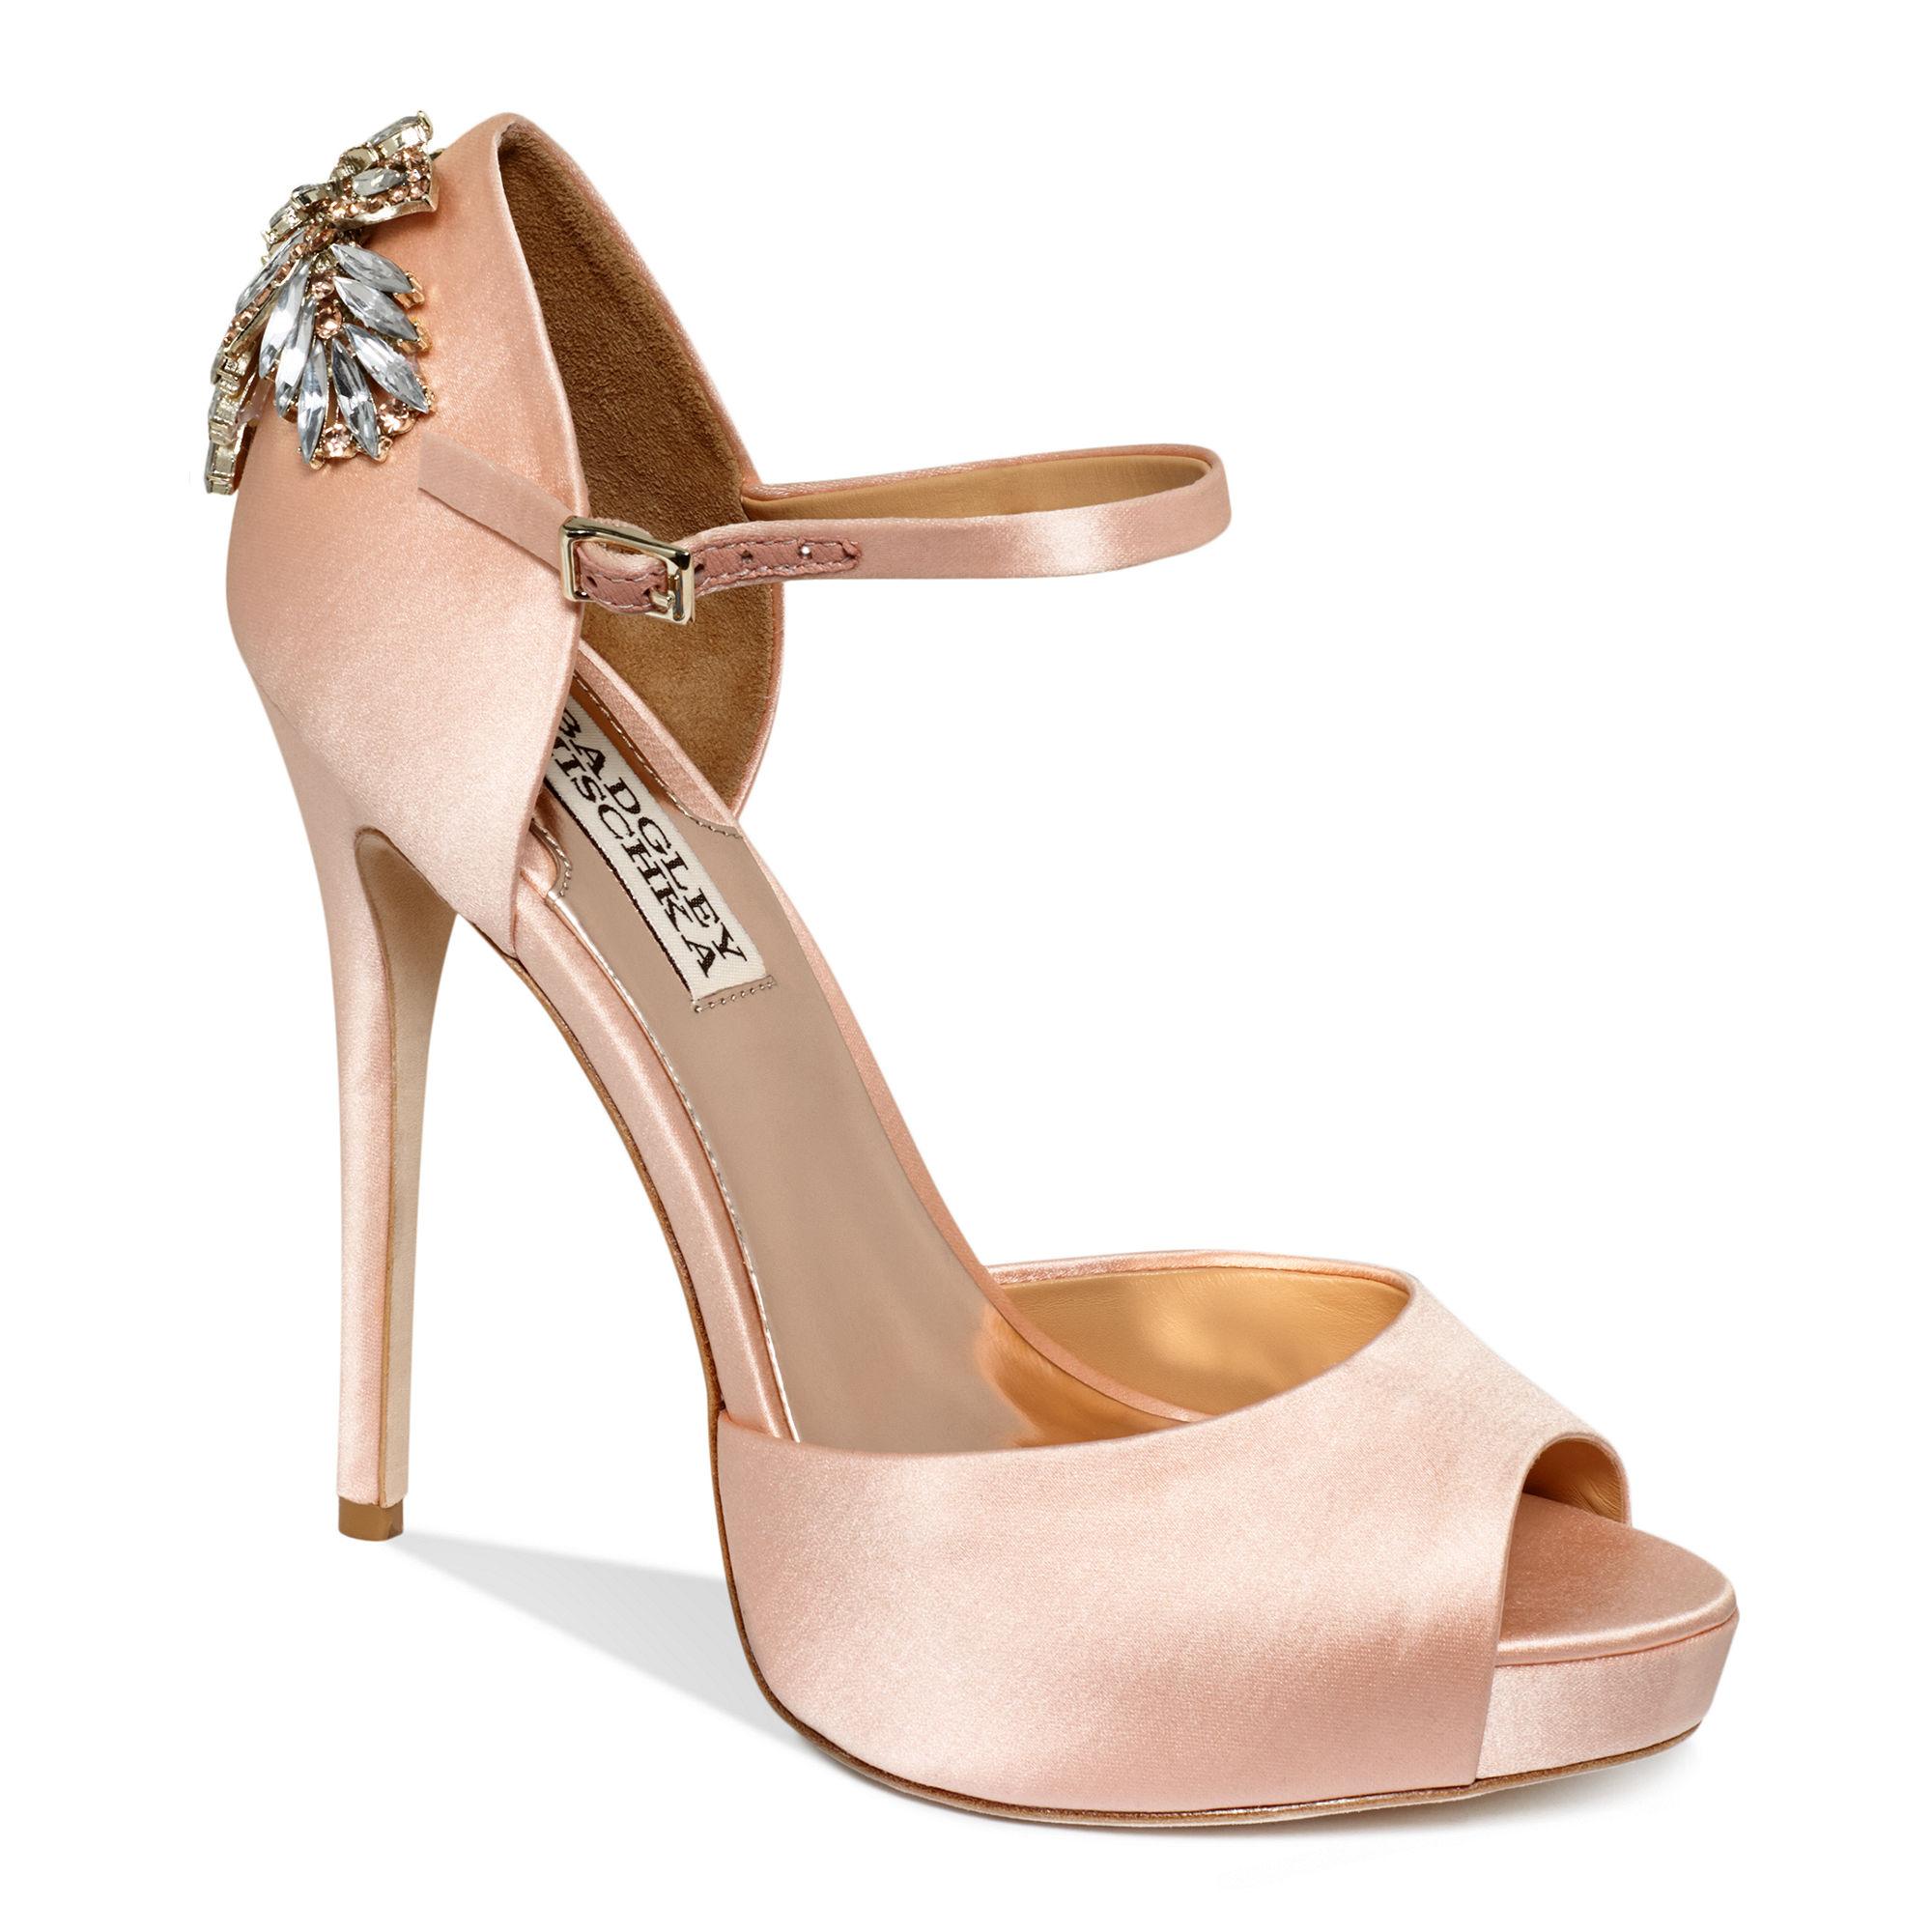 4d7a6e43899 Lyst - Badgley Mischka Nessa High Heel Evening Pumps in Pink